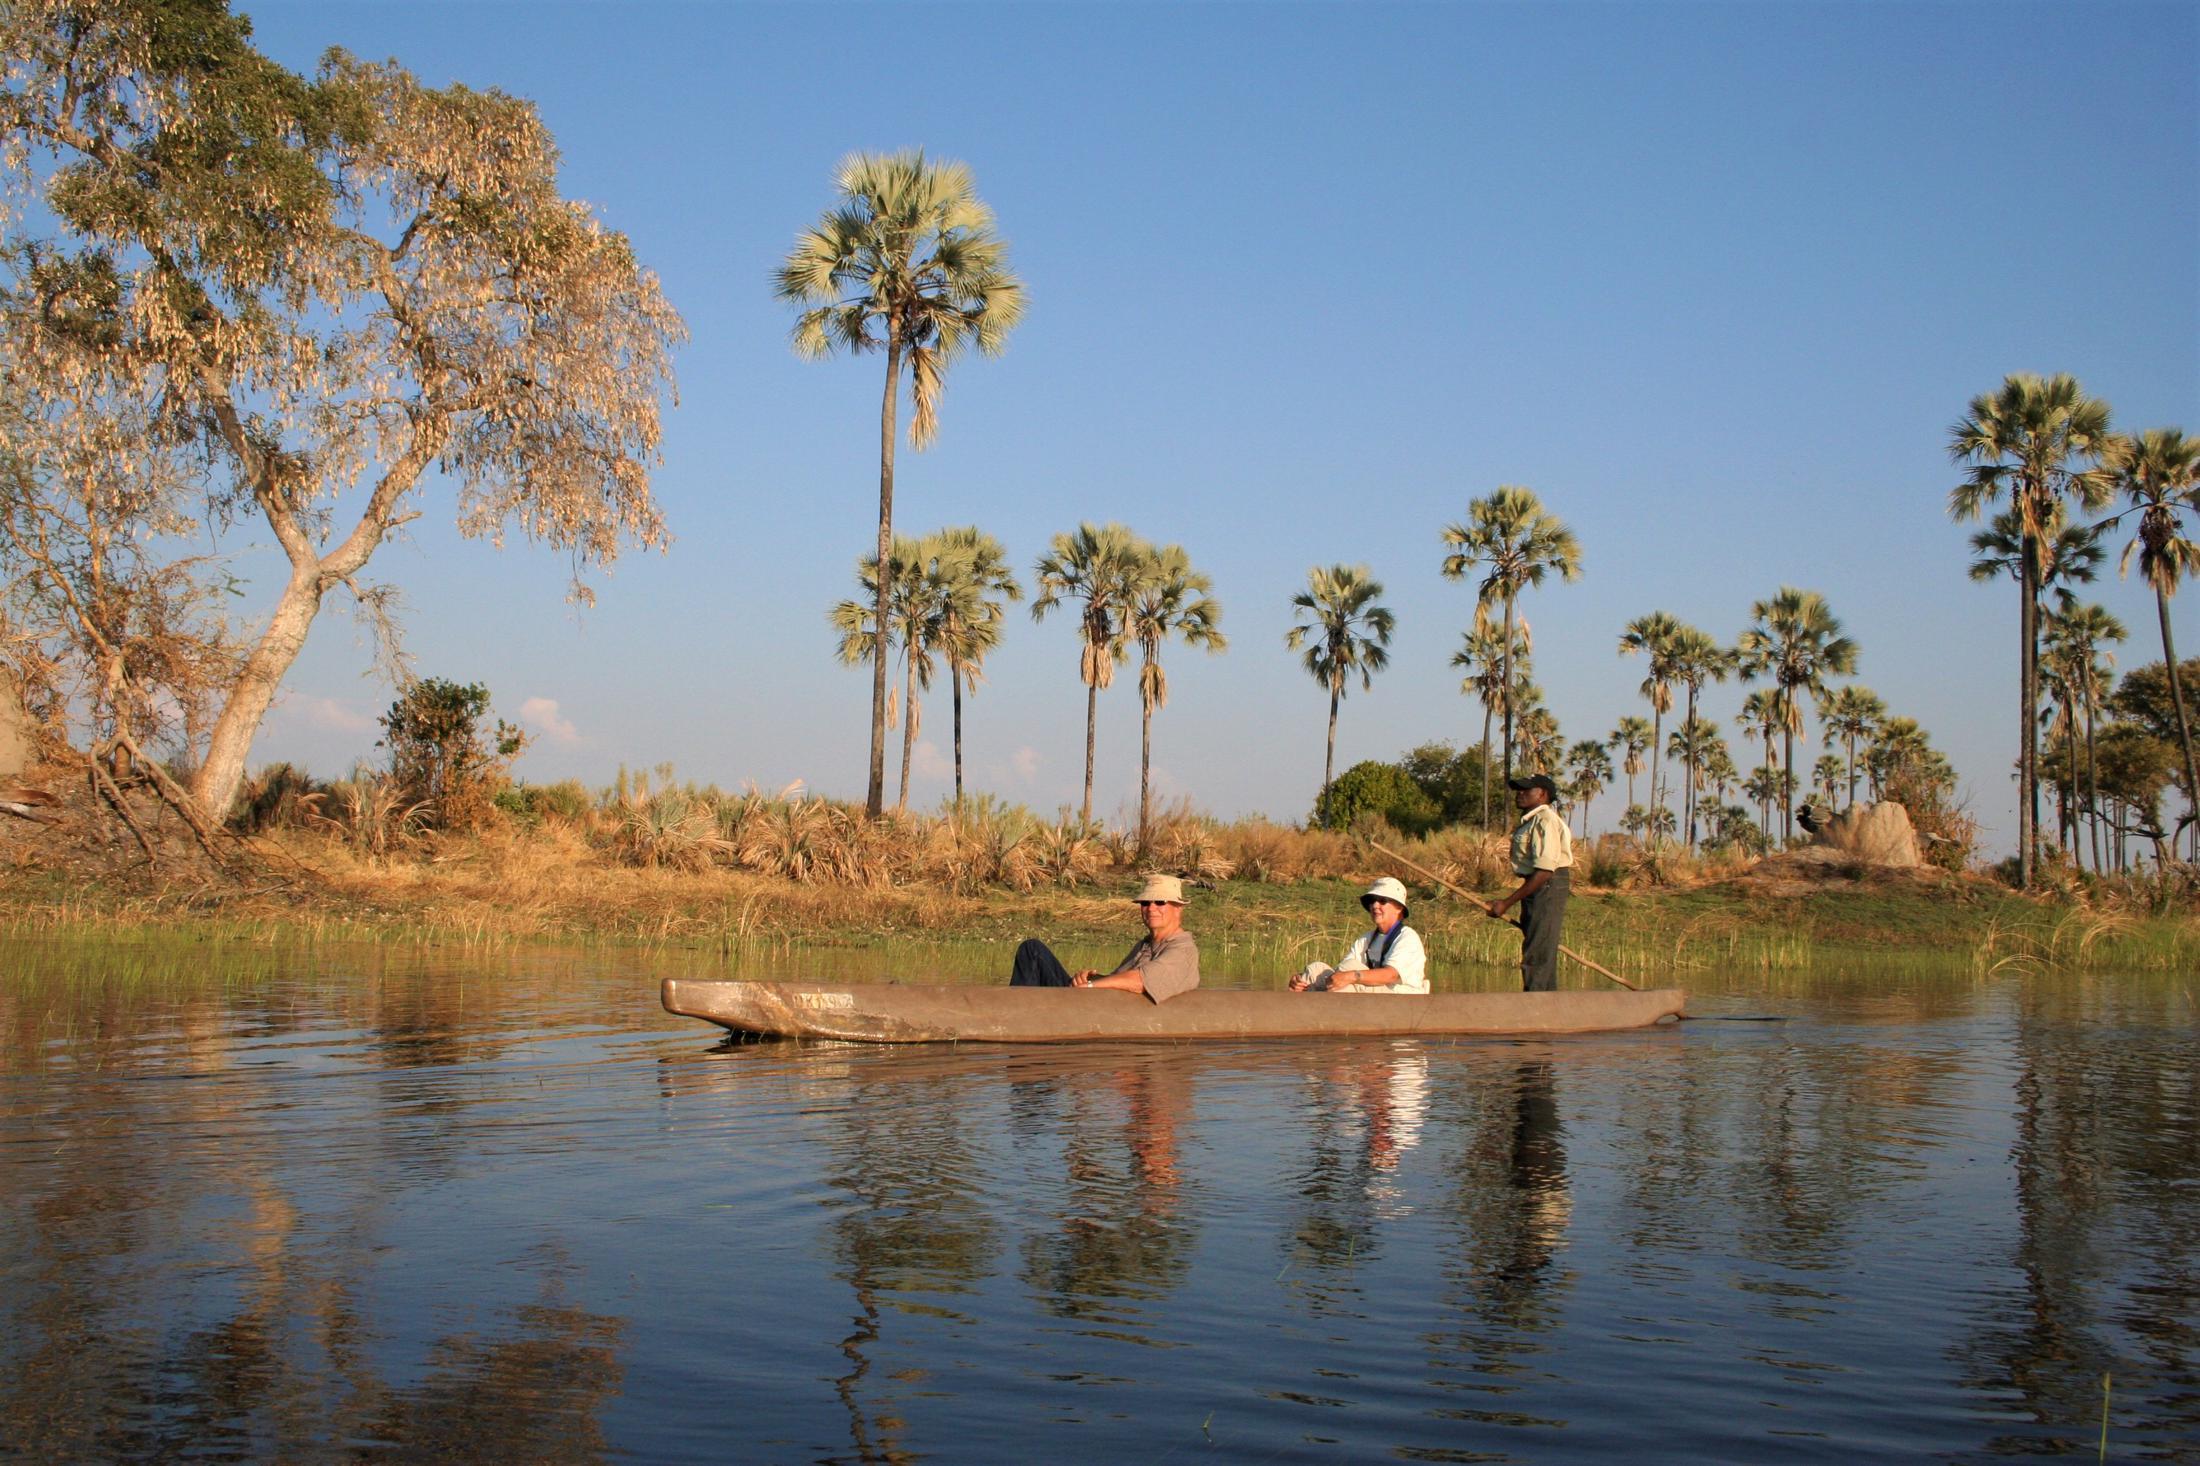 Safari Reizen Namibië: Combinatie met Botswana - Okavango Delta - Mokorotocht